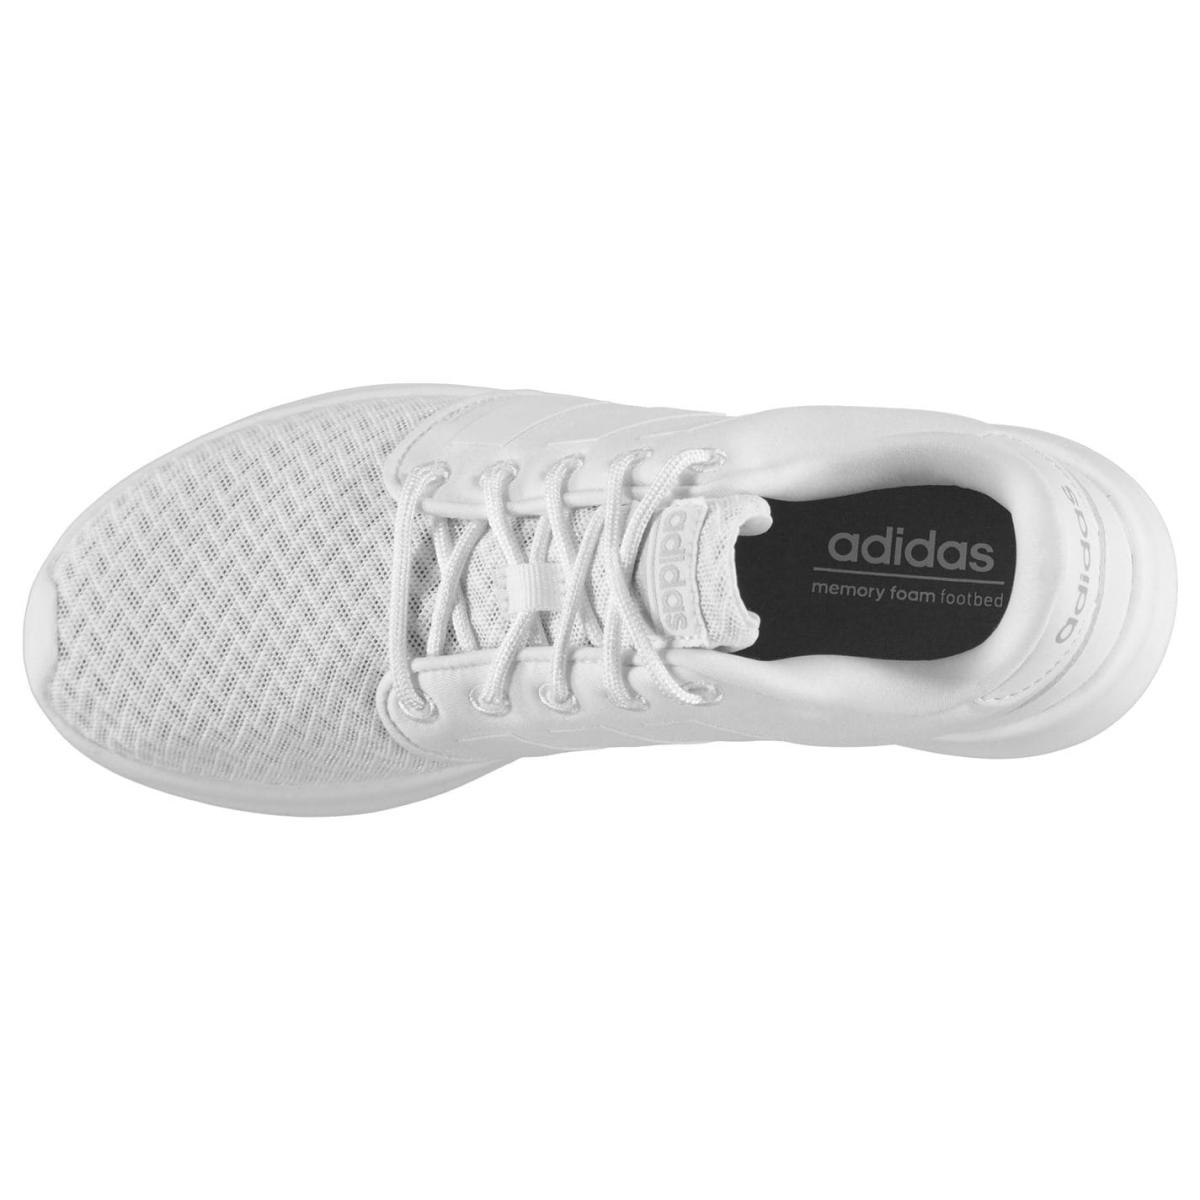 adidas-Cloudfoam-Qt-Racer-Turnschuhe-Damen-F34701-Sneaker-Laufschuhe-1512 Indexbild 13